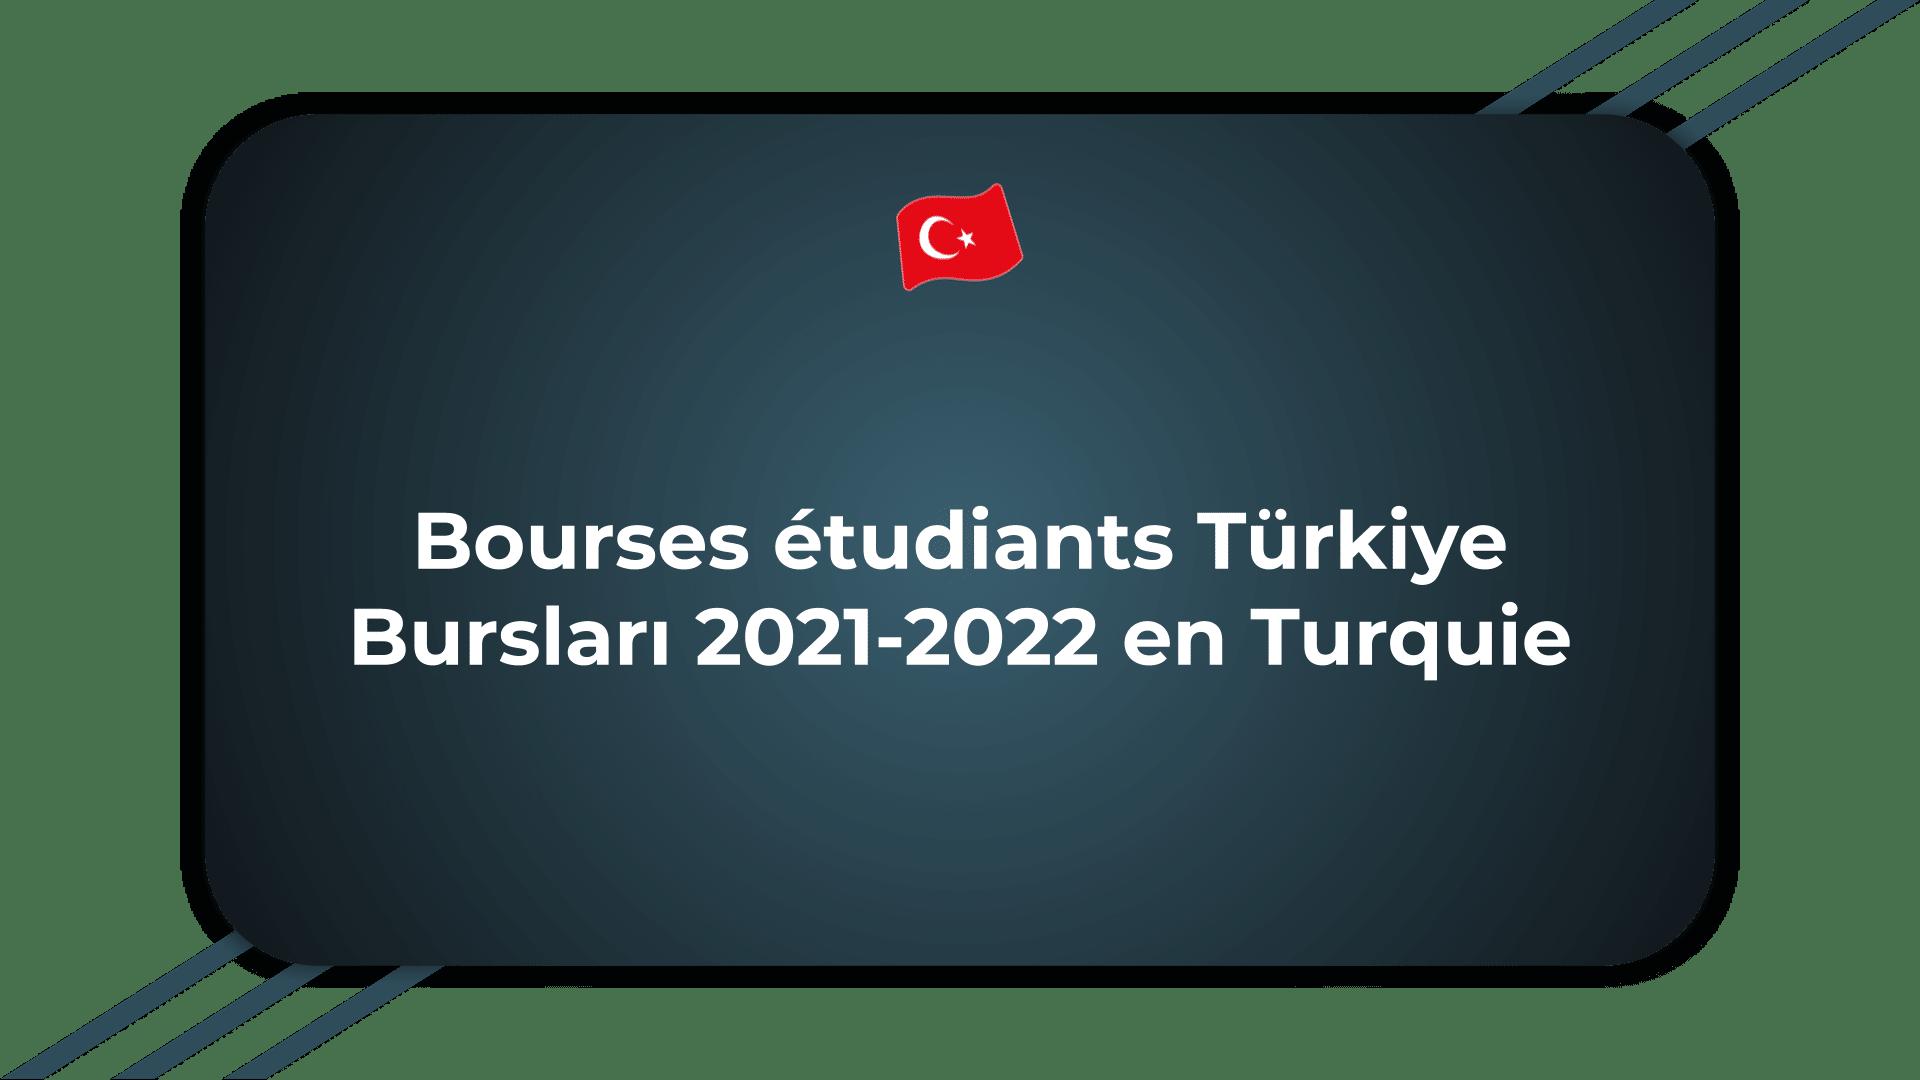 Bourses étudiants Türkiye Bursları